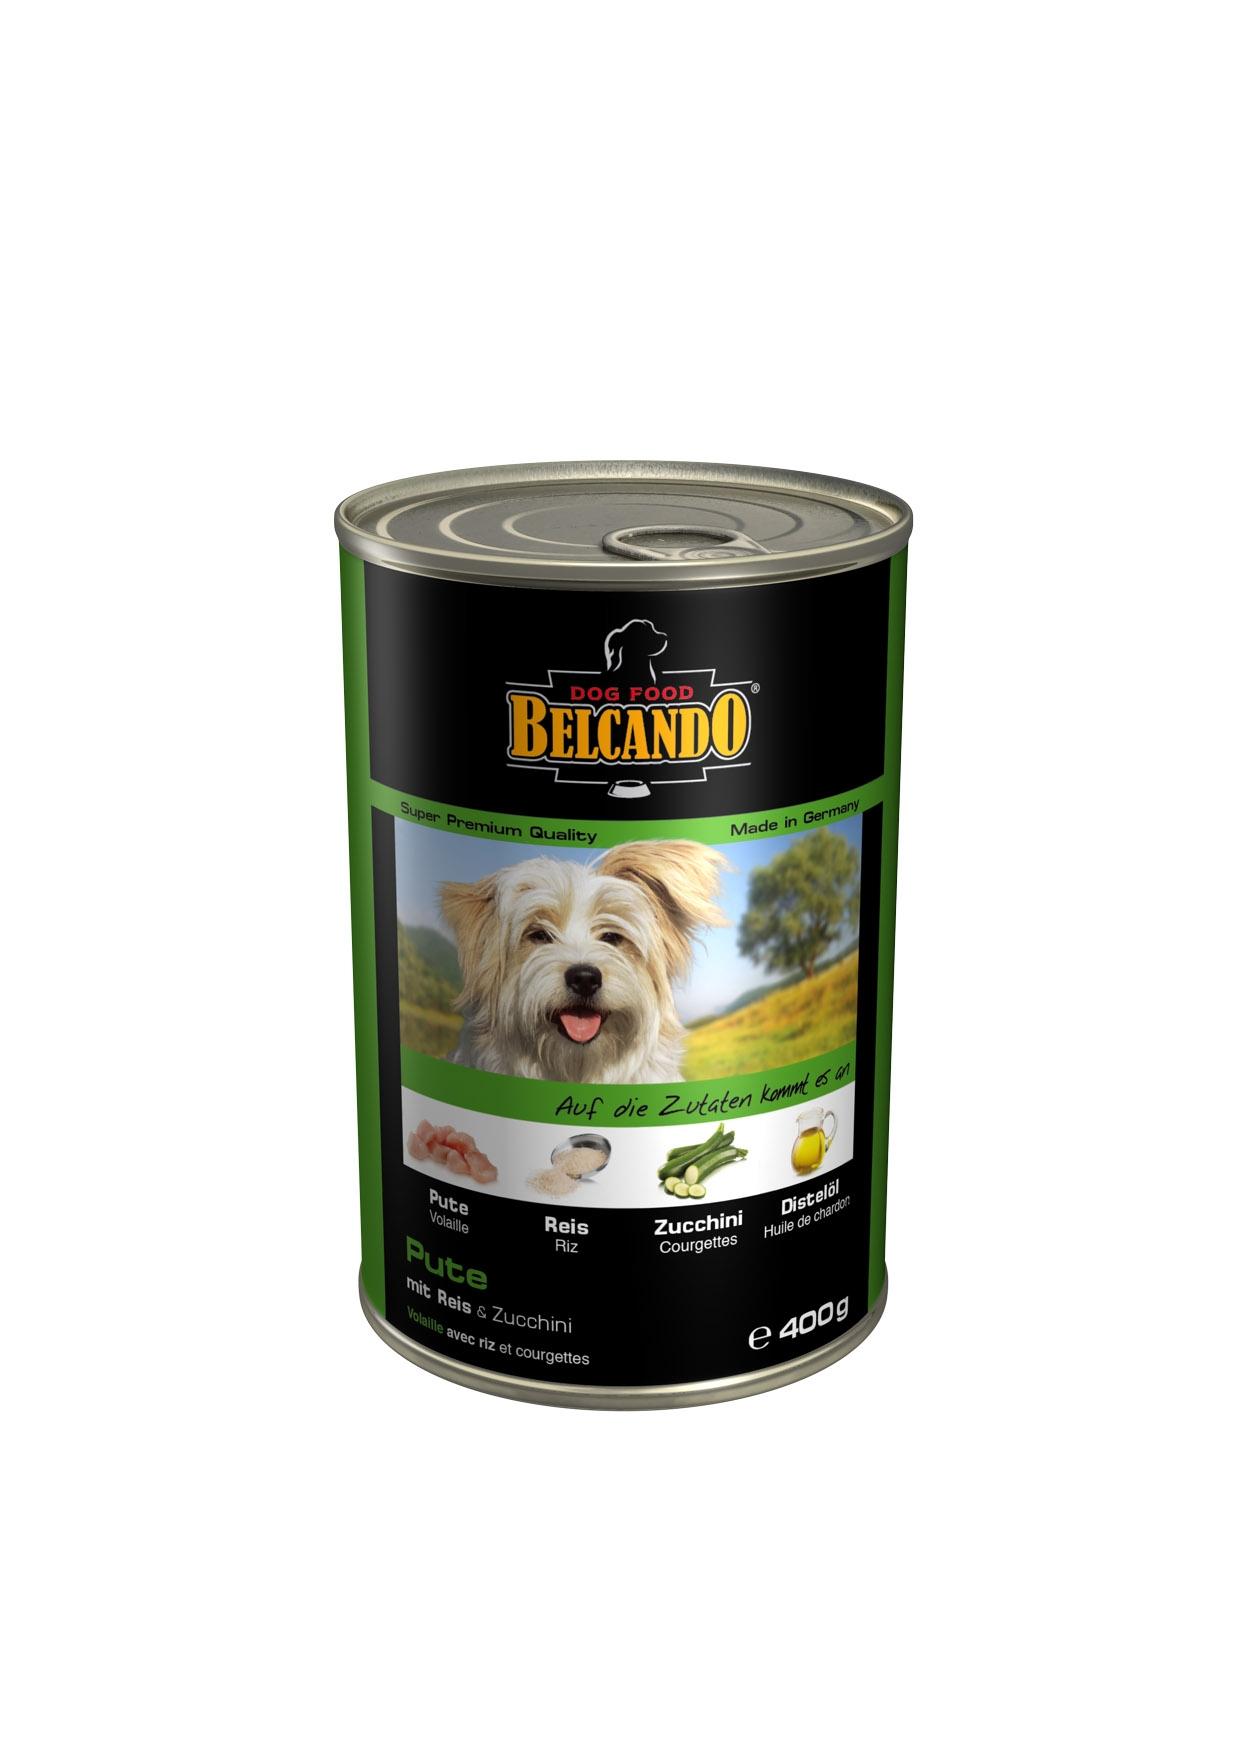 Консервы для собак Belcando, с мясом и овощами, 400 г10204Консервы Belcando - это полнорационное влажное питание для собак. Подходят для собак всех возрастов. Комбинируется с любым типом корма, в том числе с натуральной пищей. Состав: мясо 93,8%, овощи 5%, витамины и минералы 1,2%. Анализ состава: протеин 14 %, жир 5 %, клетчатка 0,3 %, зола 2,5 %, влажность 79 %, витамин А 2,500 МЕ/кг, витамин Е 40 мг/кг, витамин D3 250 МЕ/кг, кальций 0,4 %, фосфор 0,16 %.Вес: 400 г.Товар сертифицирован.